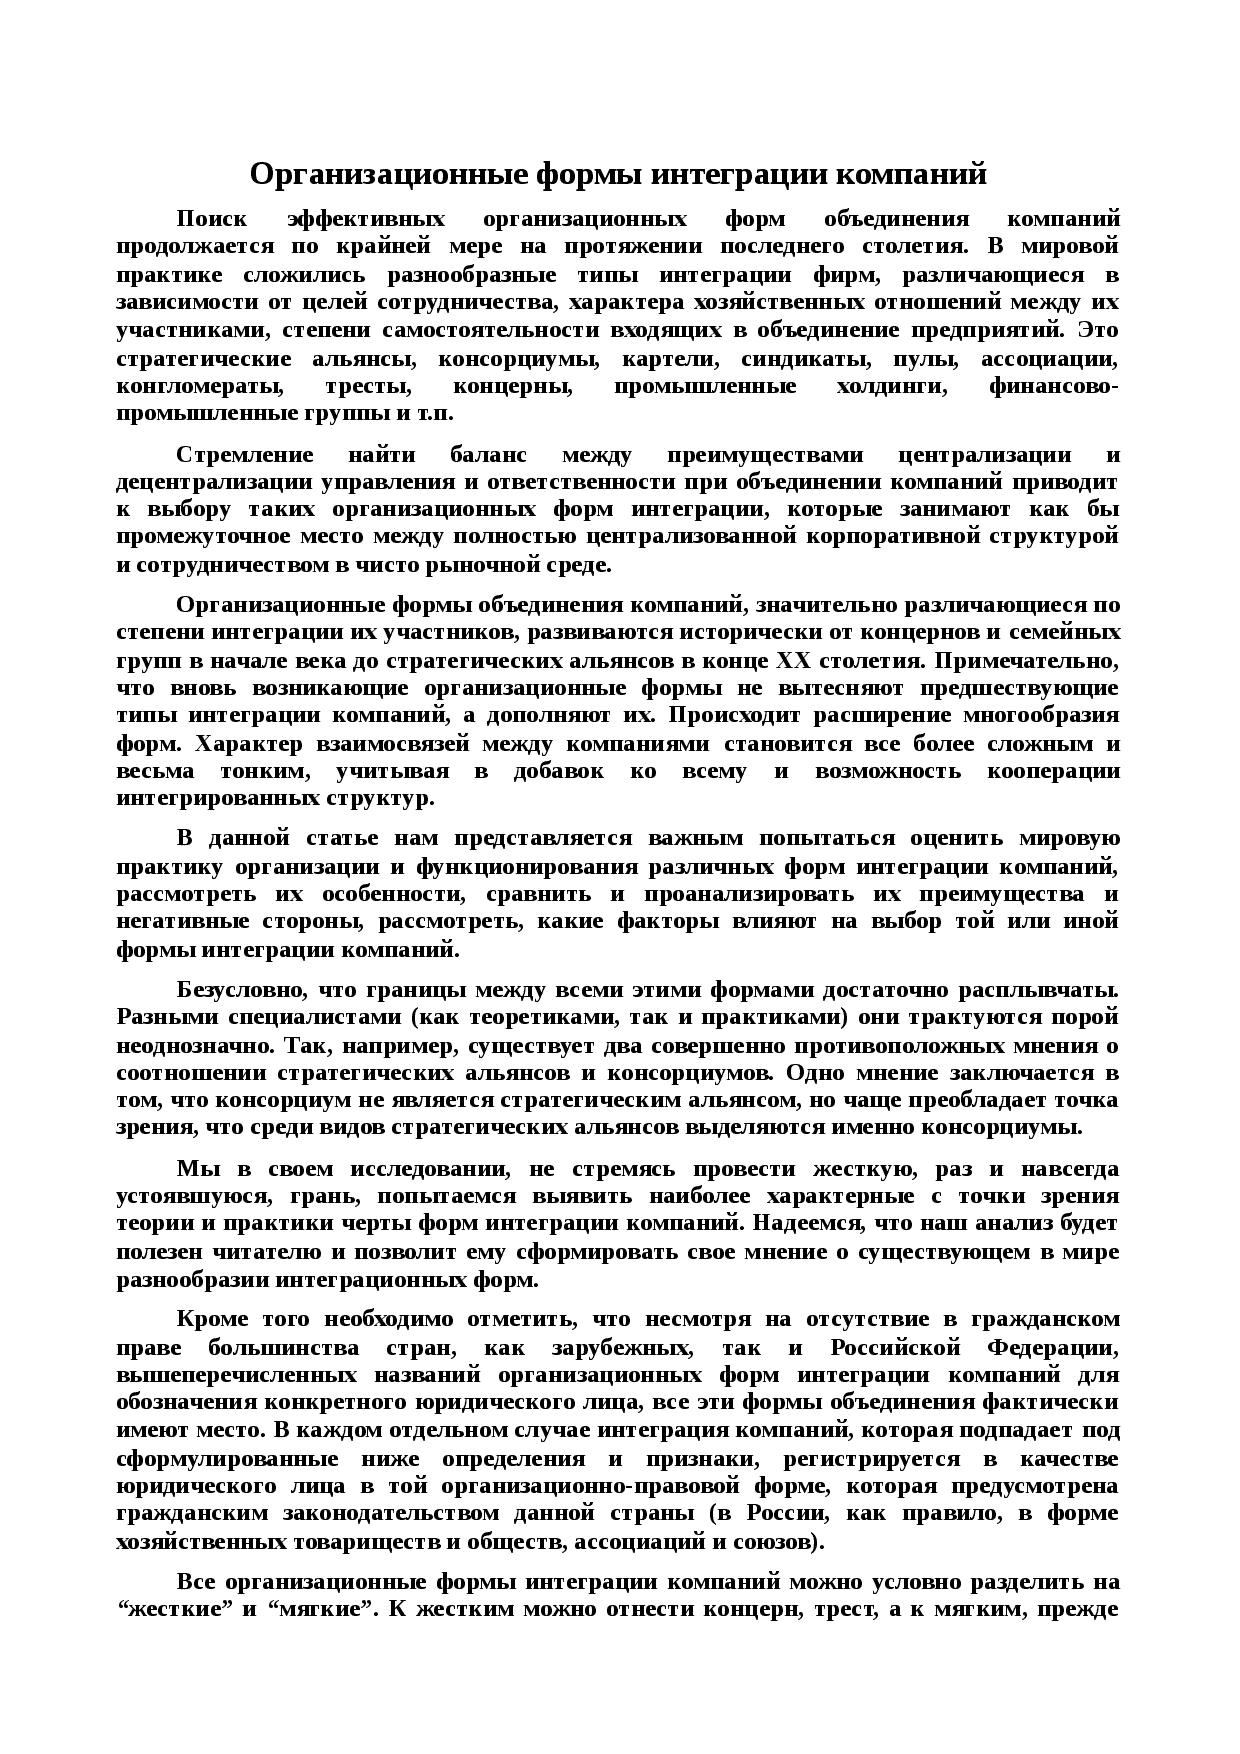 Картель — виды картелей